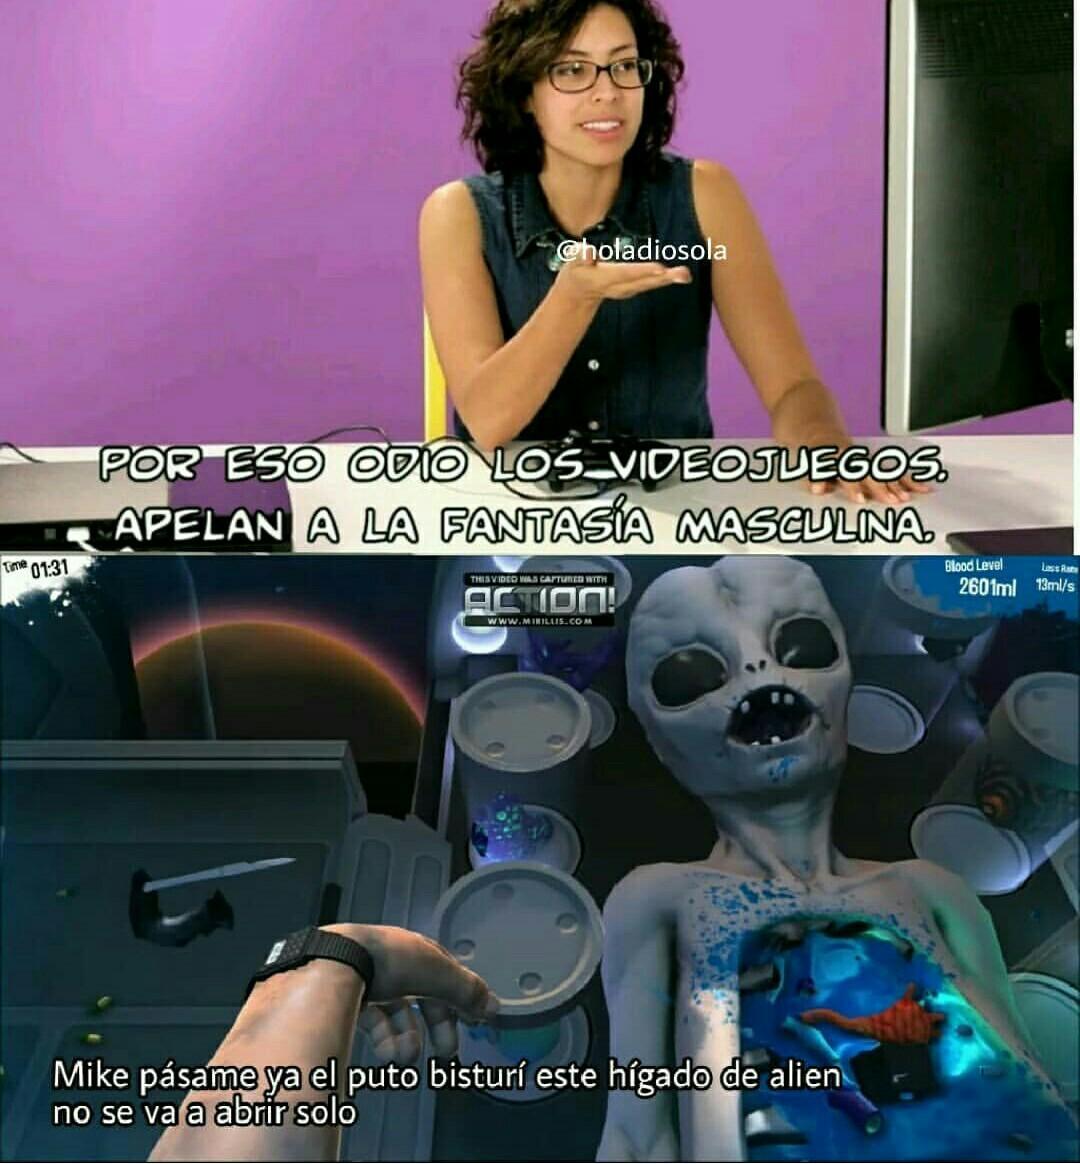 Ohou IG: @holadiosola - meme